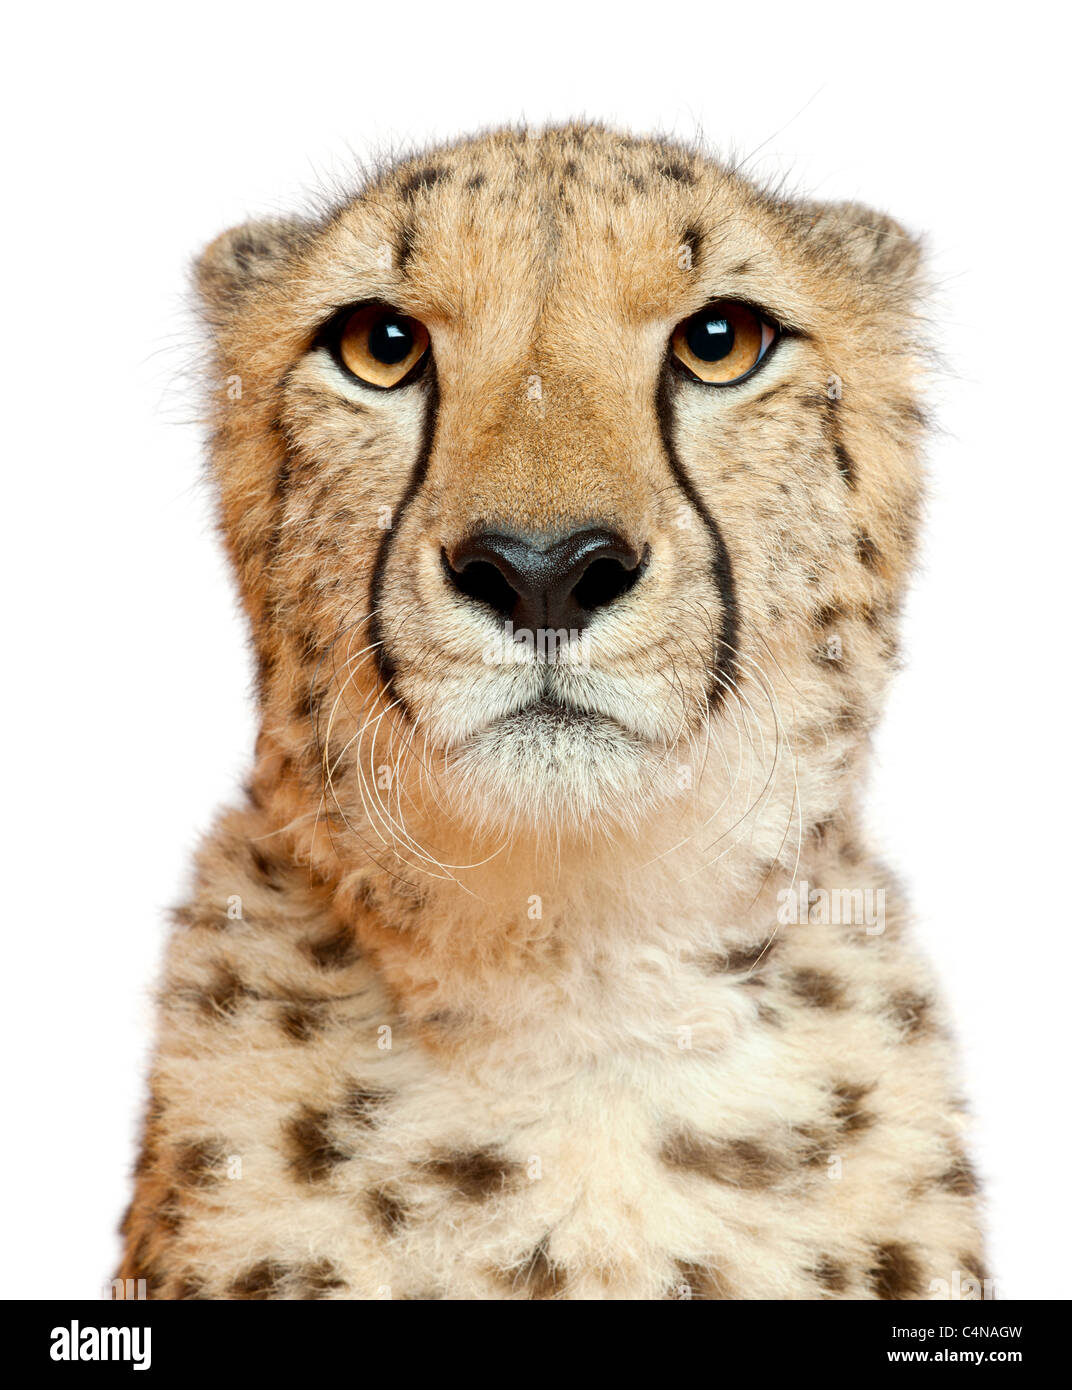 Nahaufnahme des Cheetah, Acinonyx Jubatus, 18 Monate alt, vor weißem Hintergrund Stockfoto